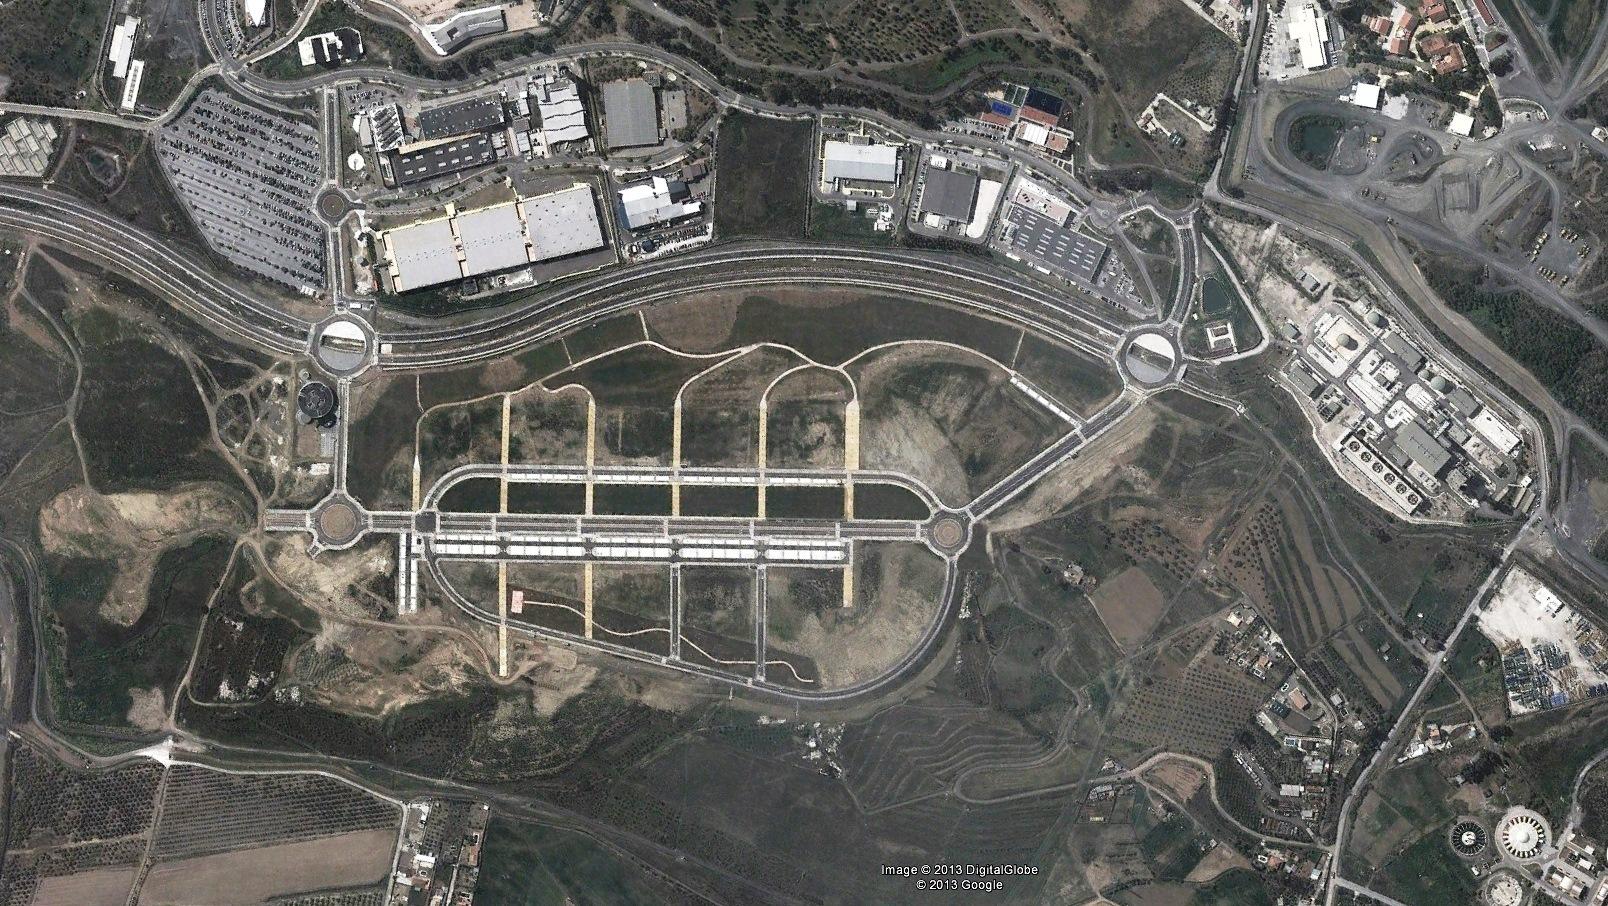 después, urbanismo, foto aérea,desastre, urbanístico, planeamiento, urbano, construcción, Campanillas, Málaga